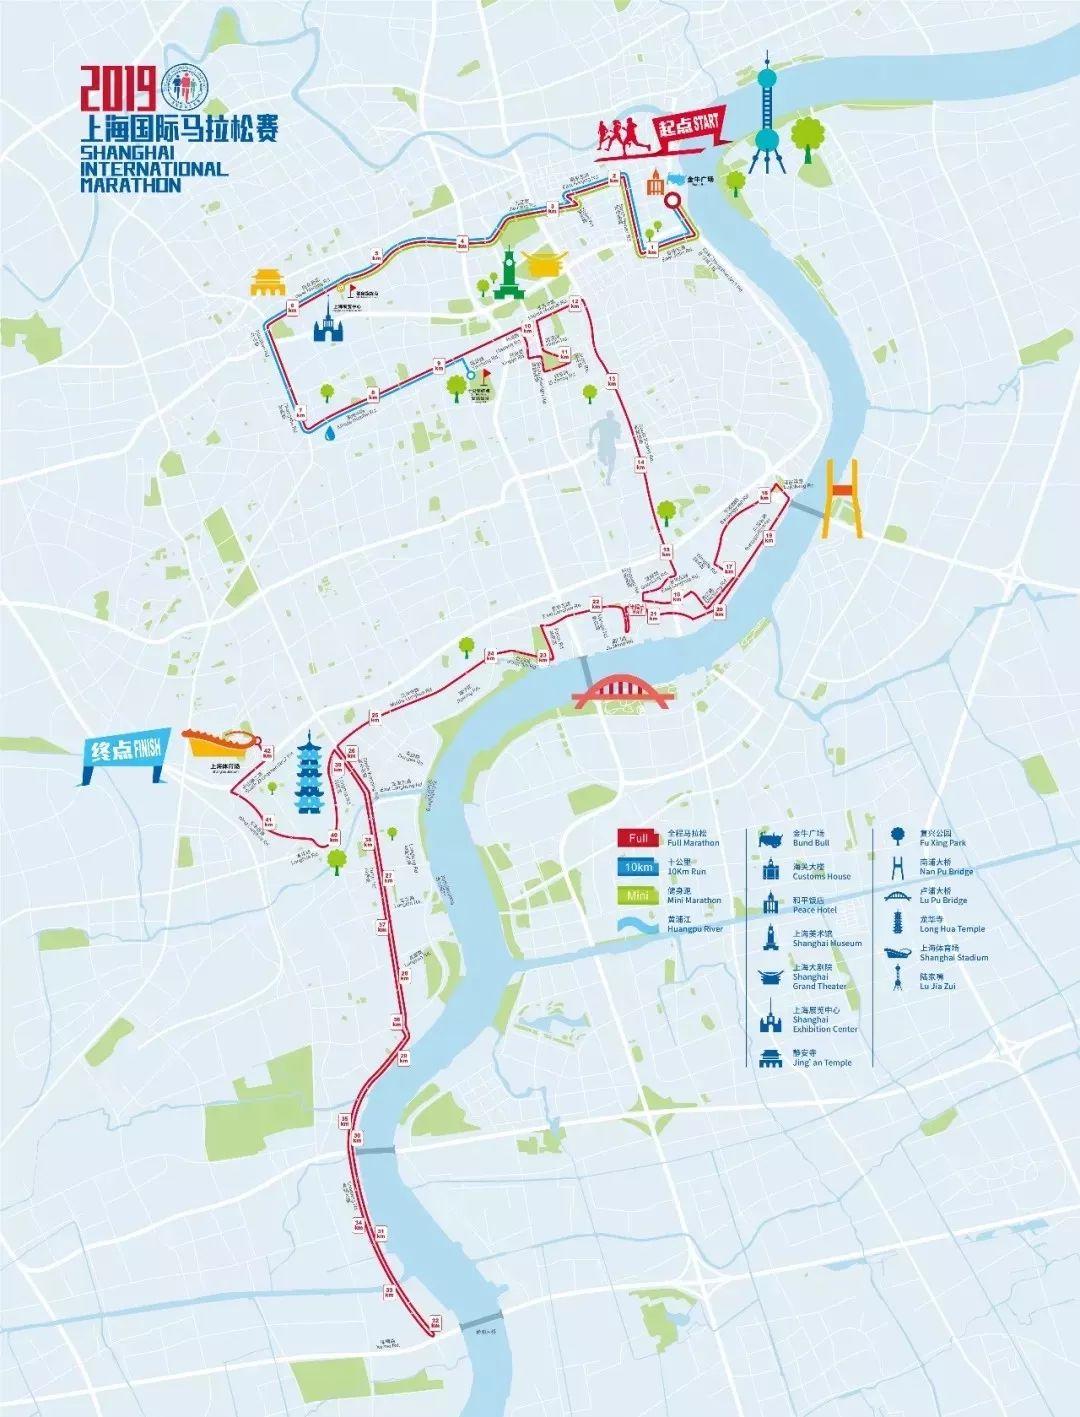 名额来了!上海国际马拉松不再错过,直通车还有众多福利畅享